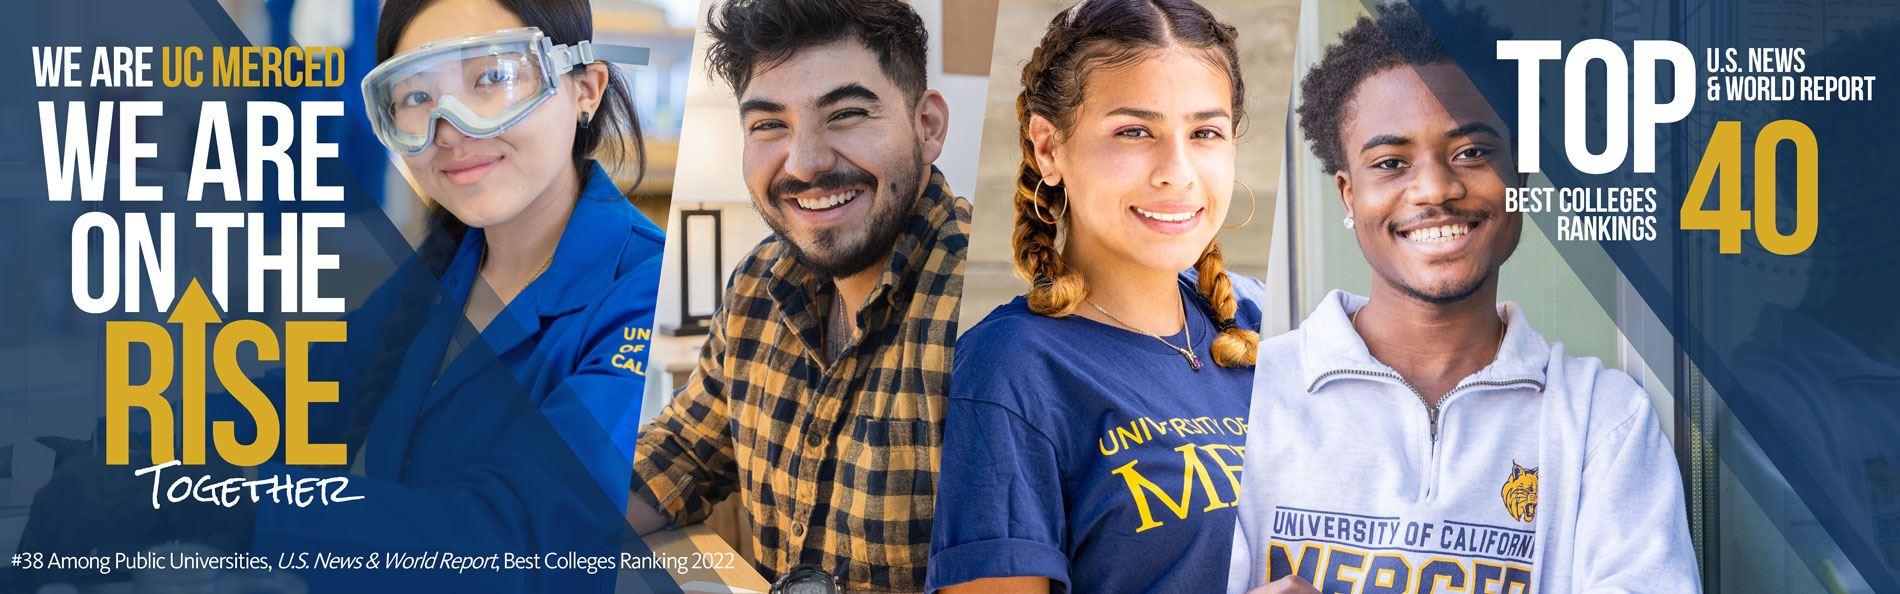 UC Merced Top 40 in public universities